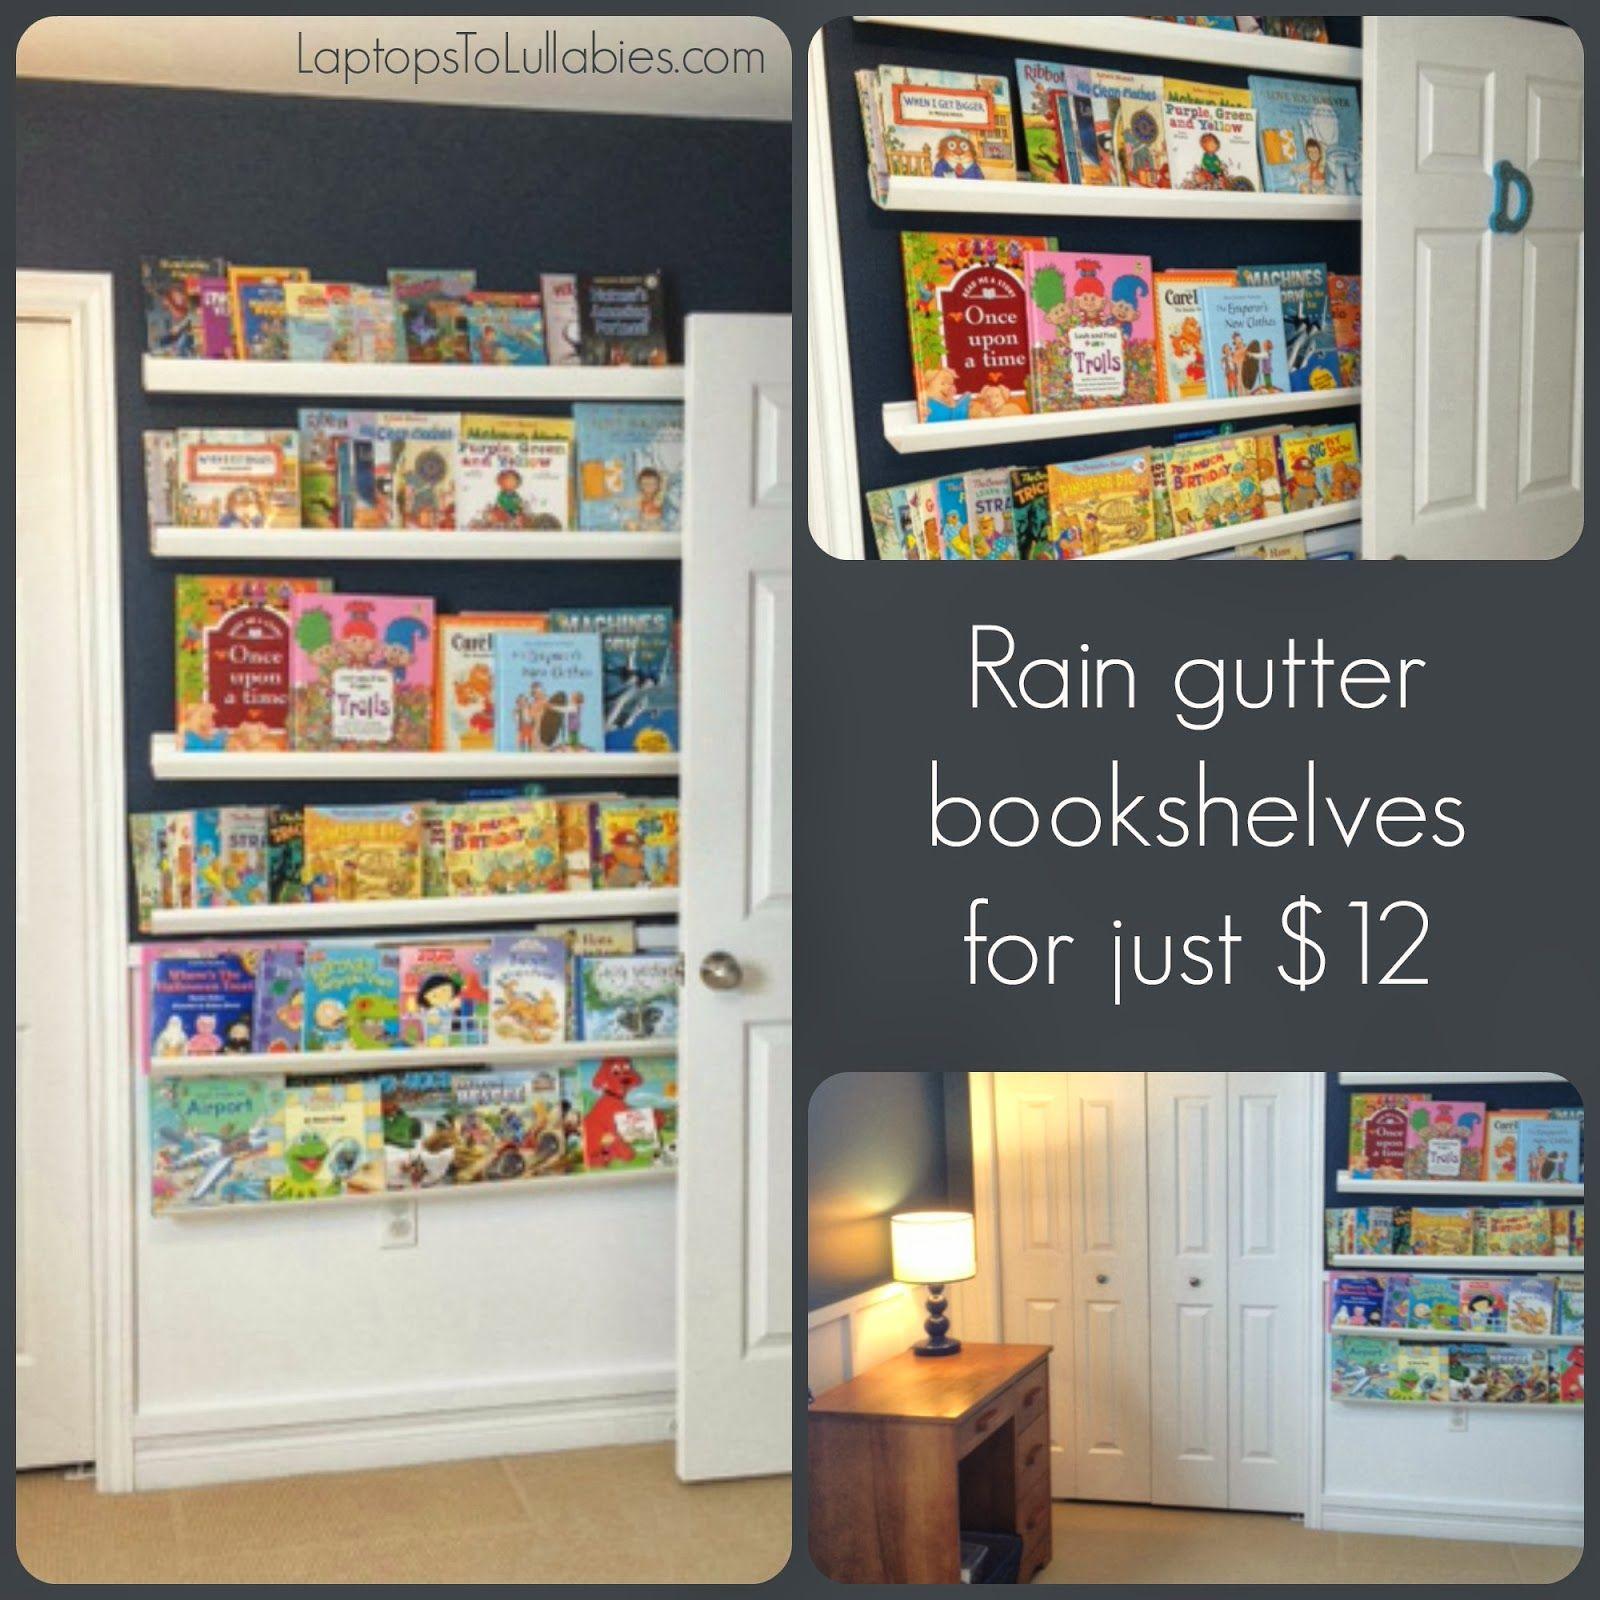 White Plastic Rain Gutter Bookshelves For Our Son's